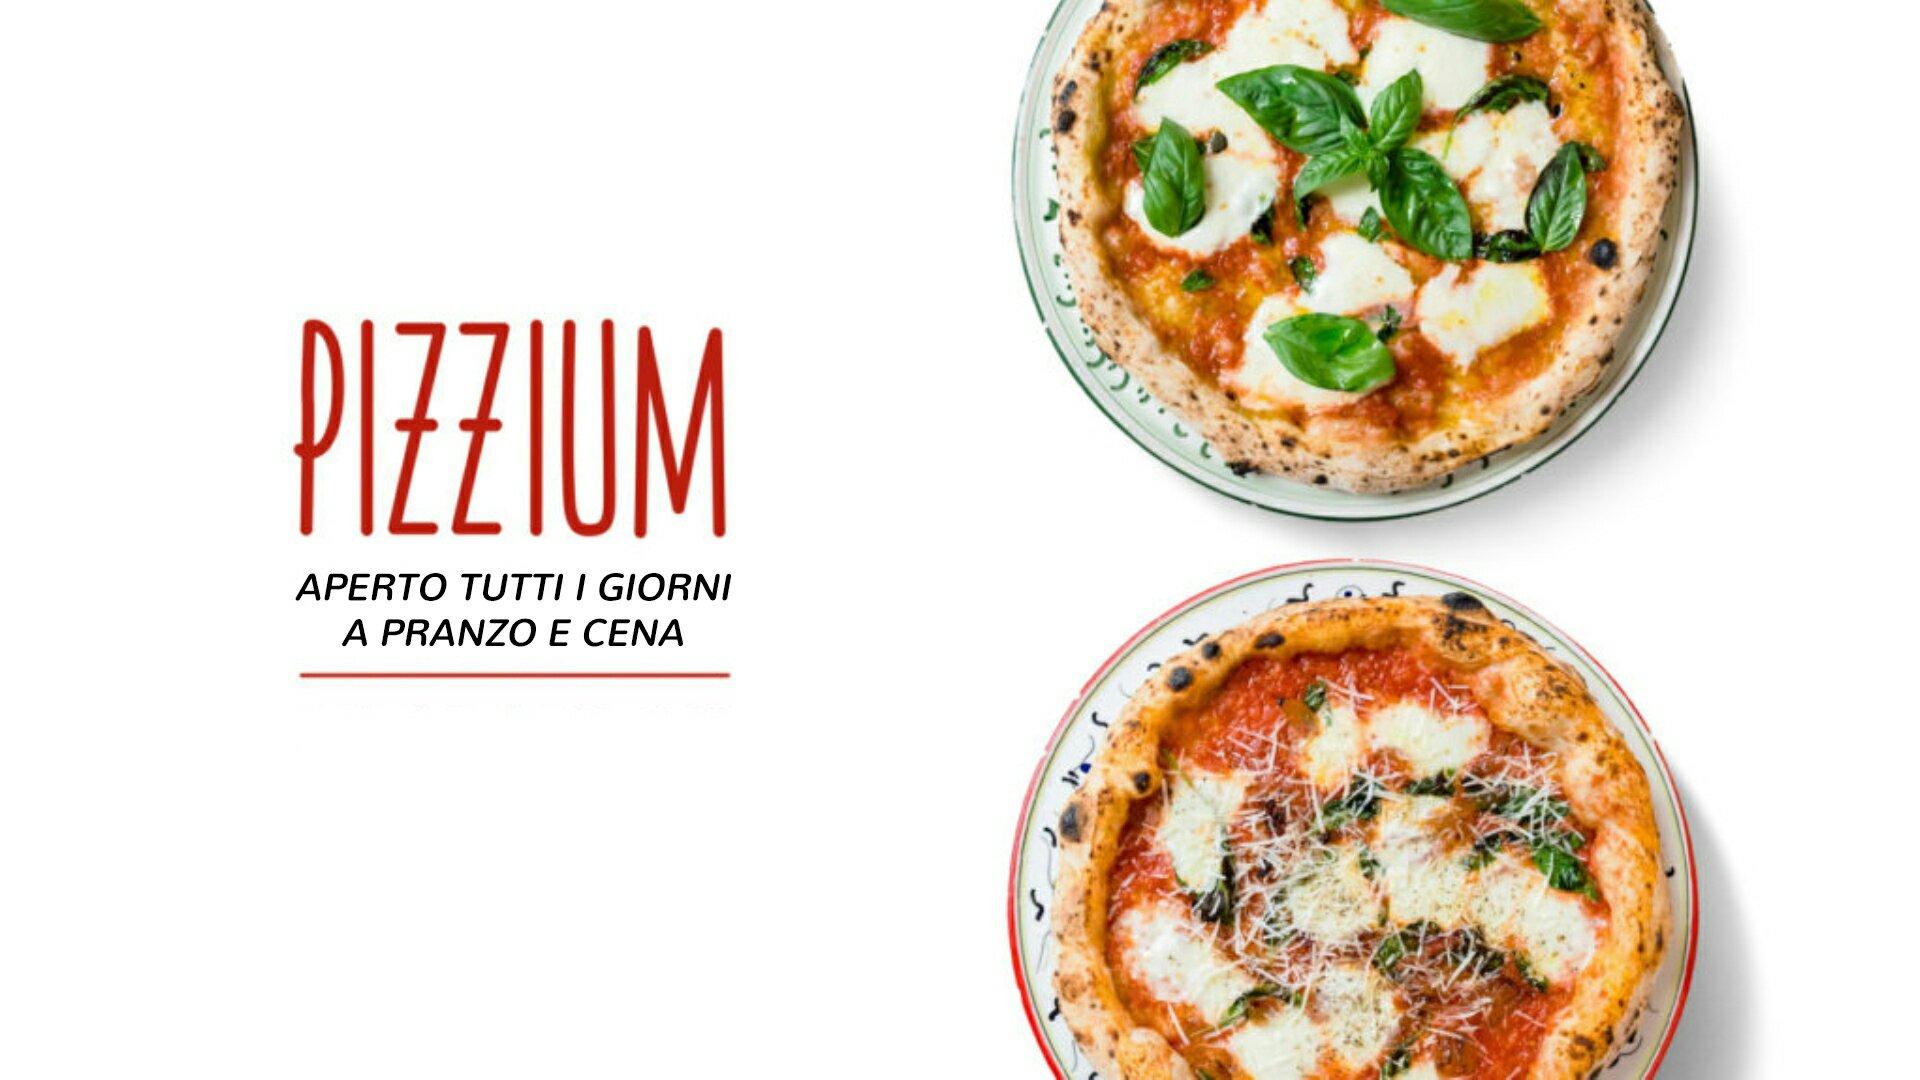 pizzium-coverfb3-ita-1274150749 pizzium-roma